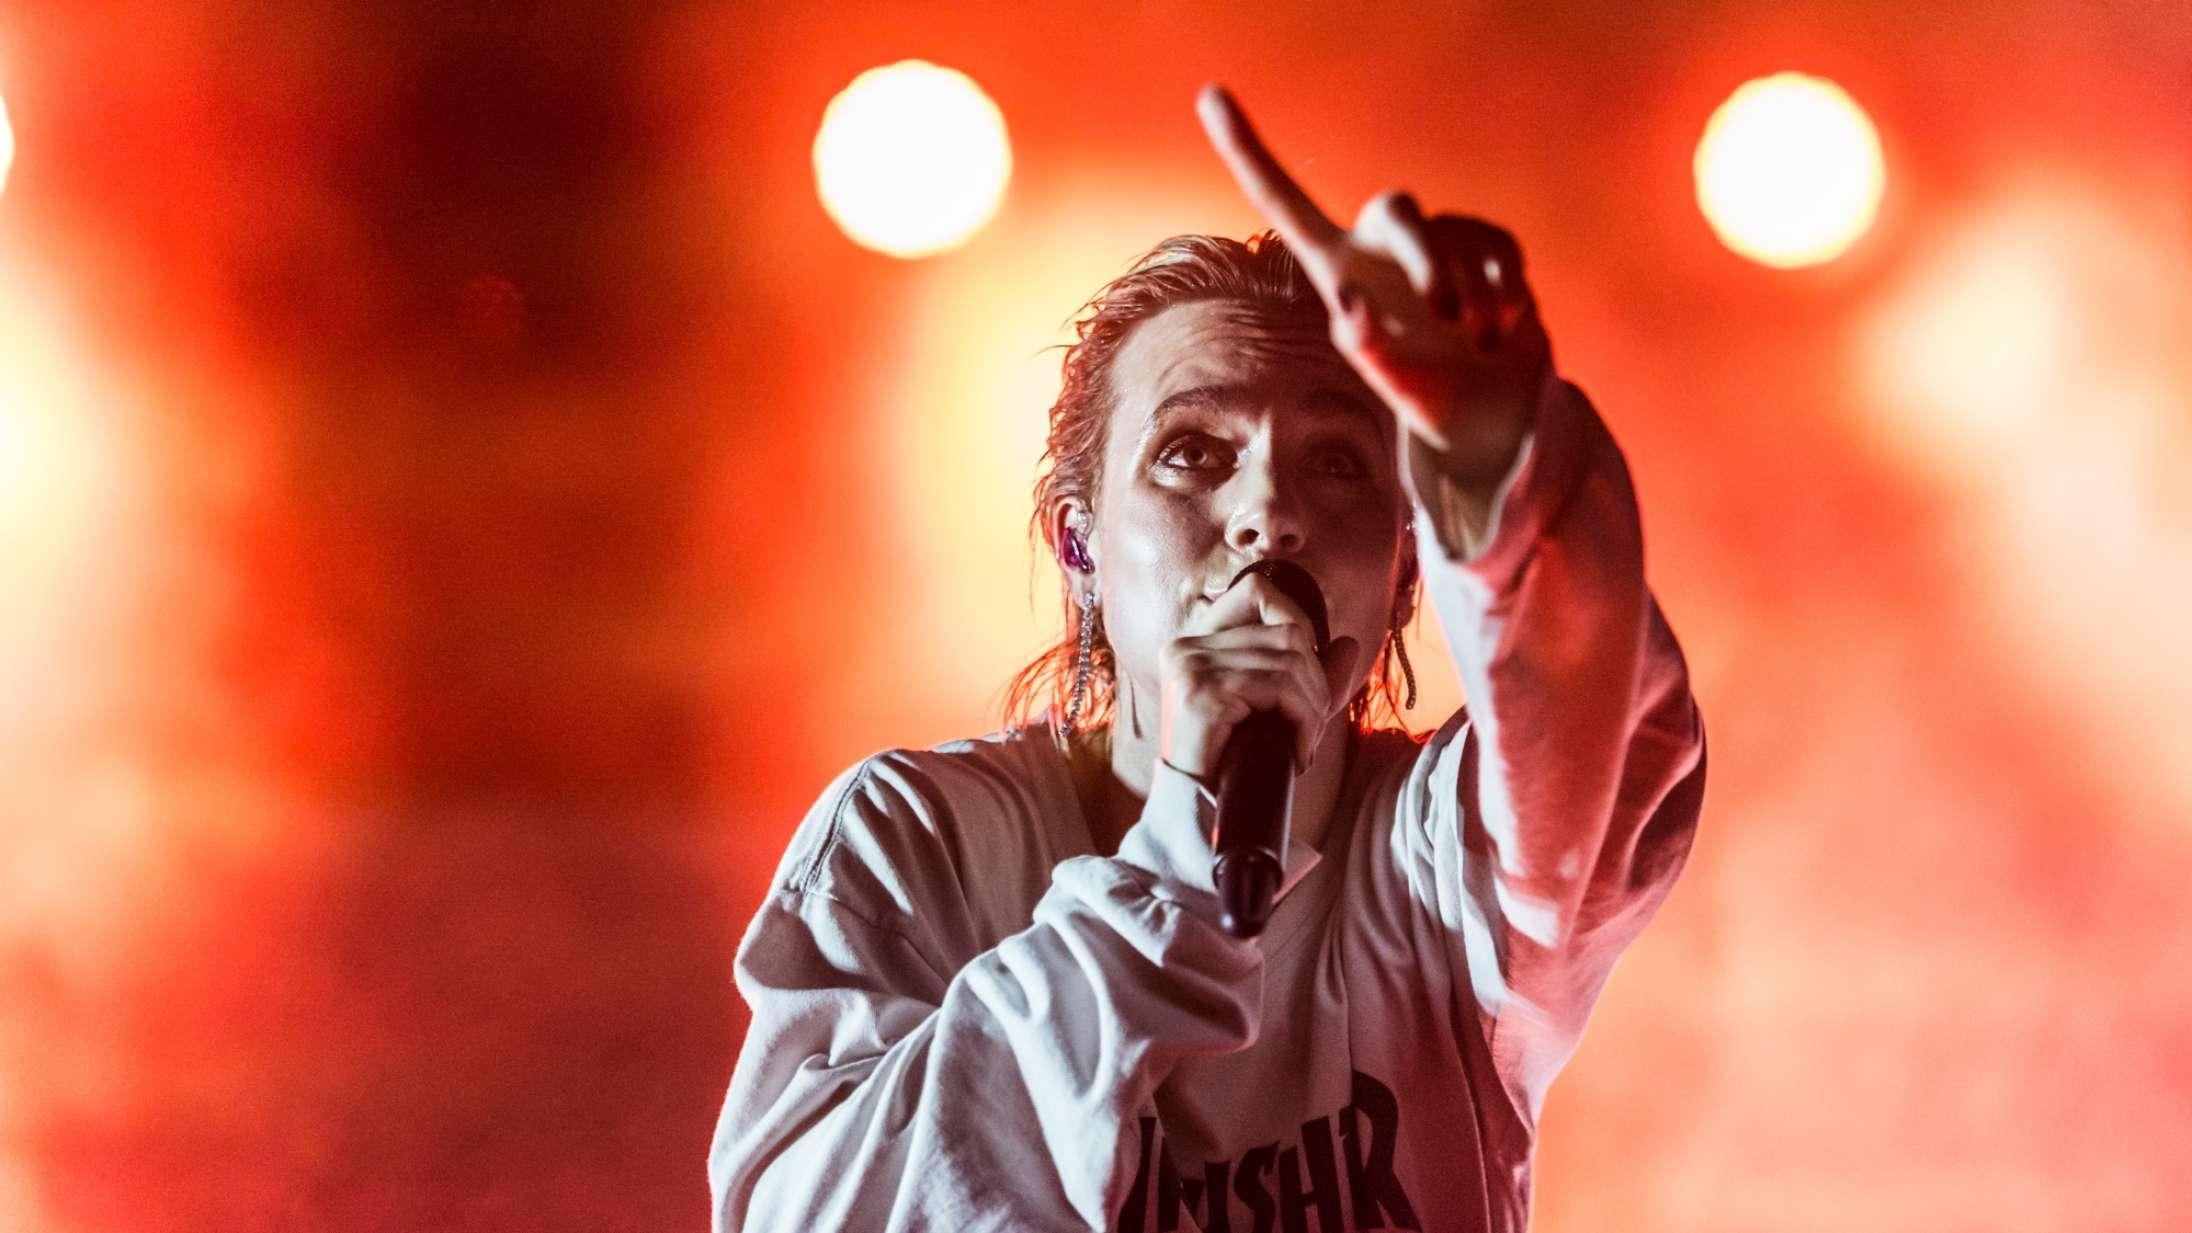 Mø gav surprise-koncert på sit gamle gymnasium i Odense